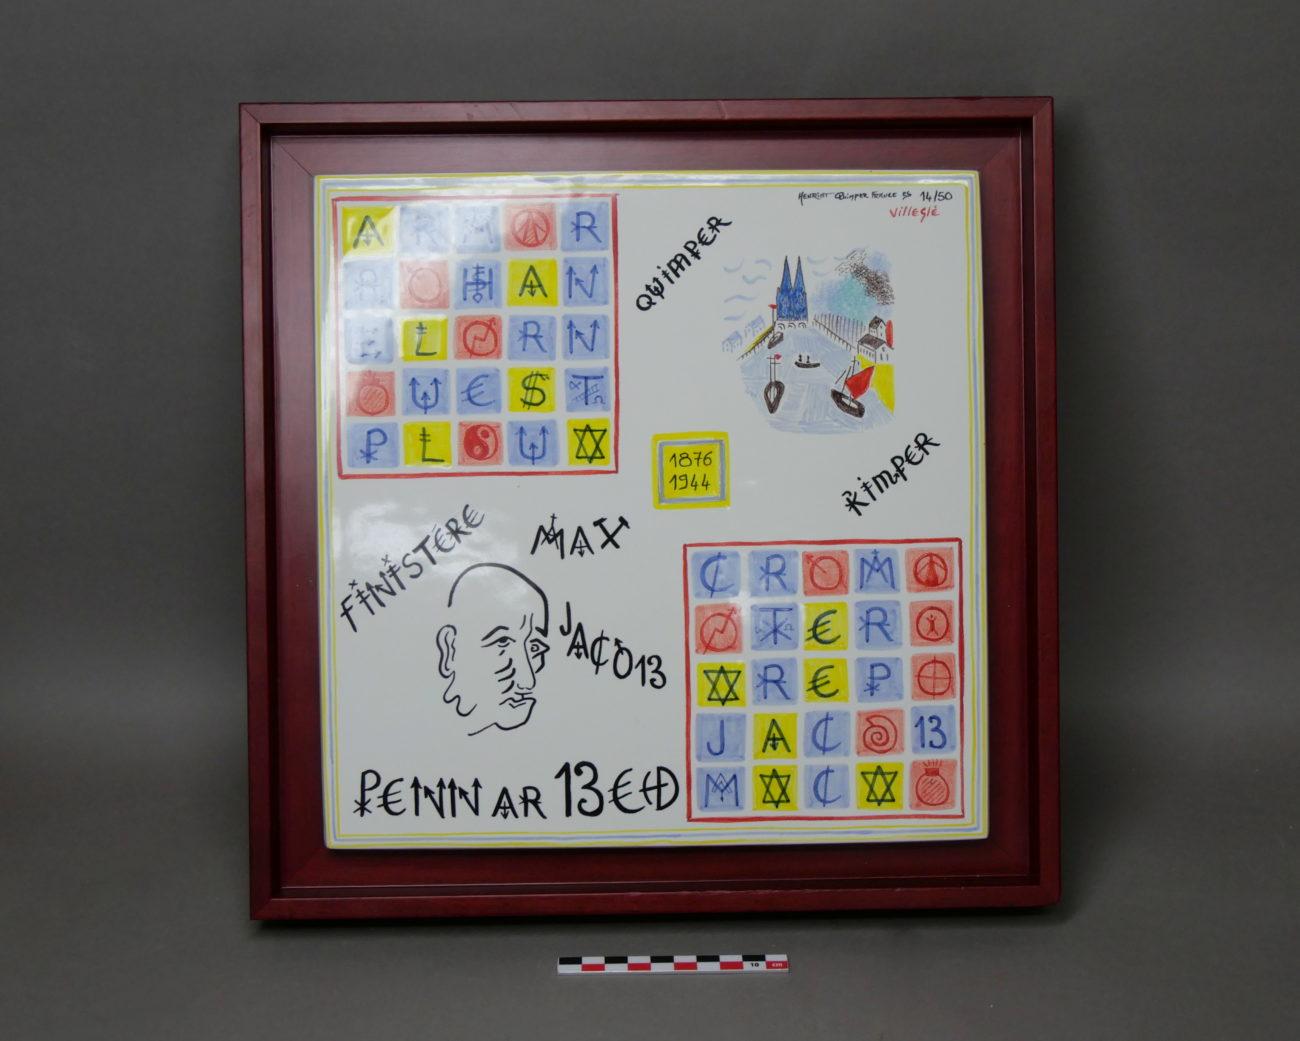 Plaque jeux de piste (Max Jacob) de Jacques Villeglé, XXIème siècle.